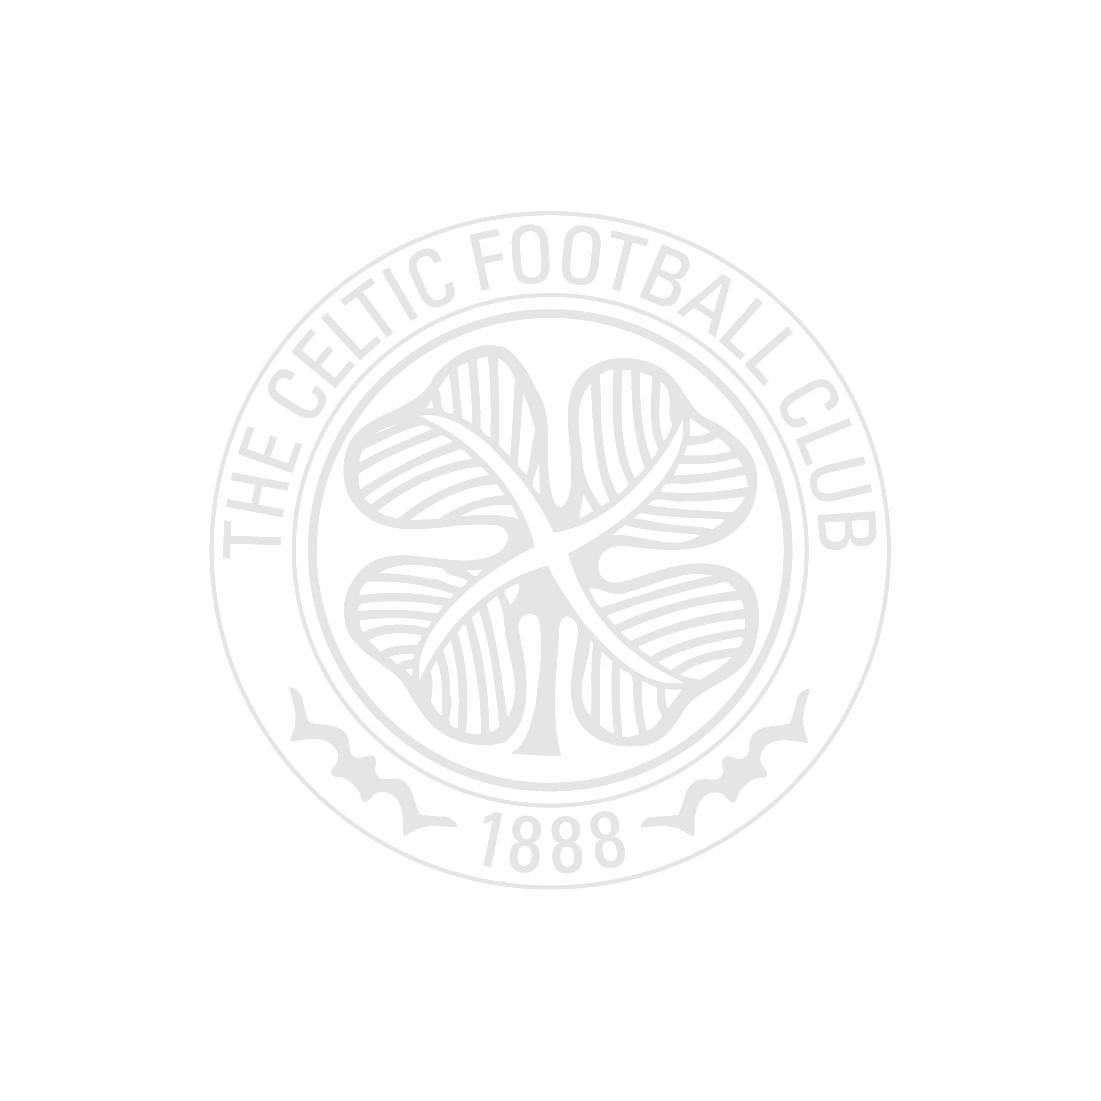 Celtic Odsonne Edouard Mug with Signature